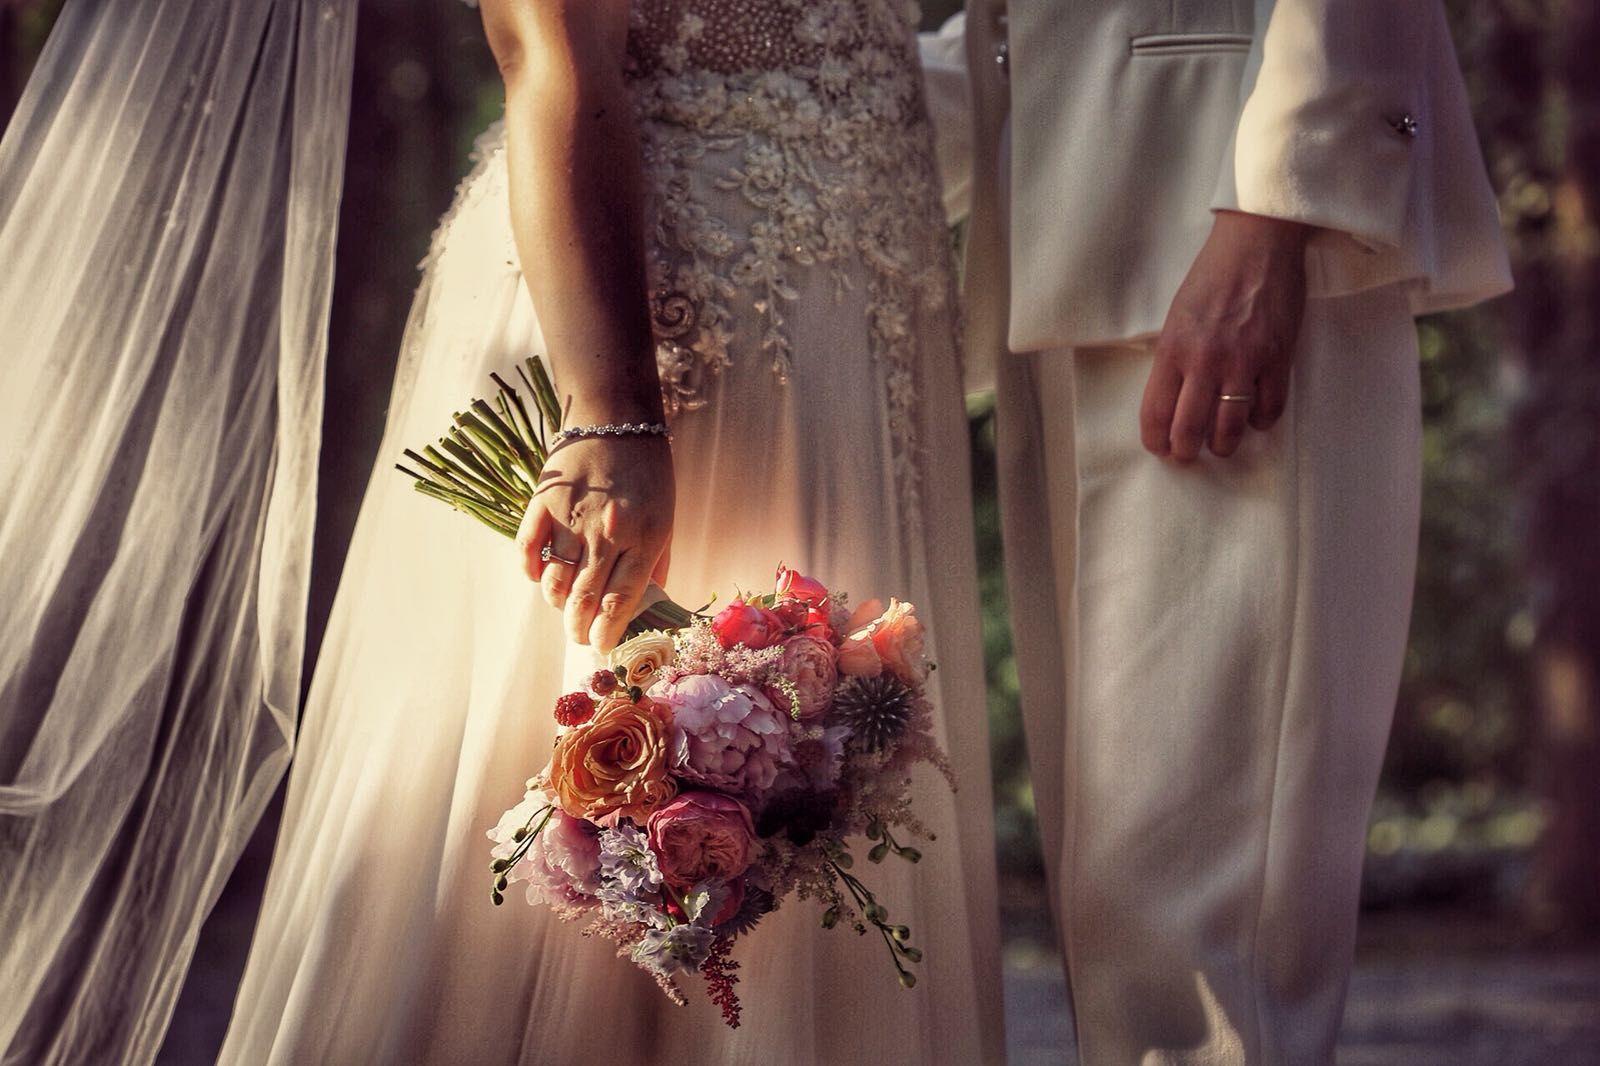 Matrimonio Nel Bosco Toscana : Il matrimonio ambientato in un bosco delle meraviglie dalla